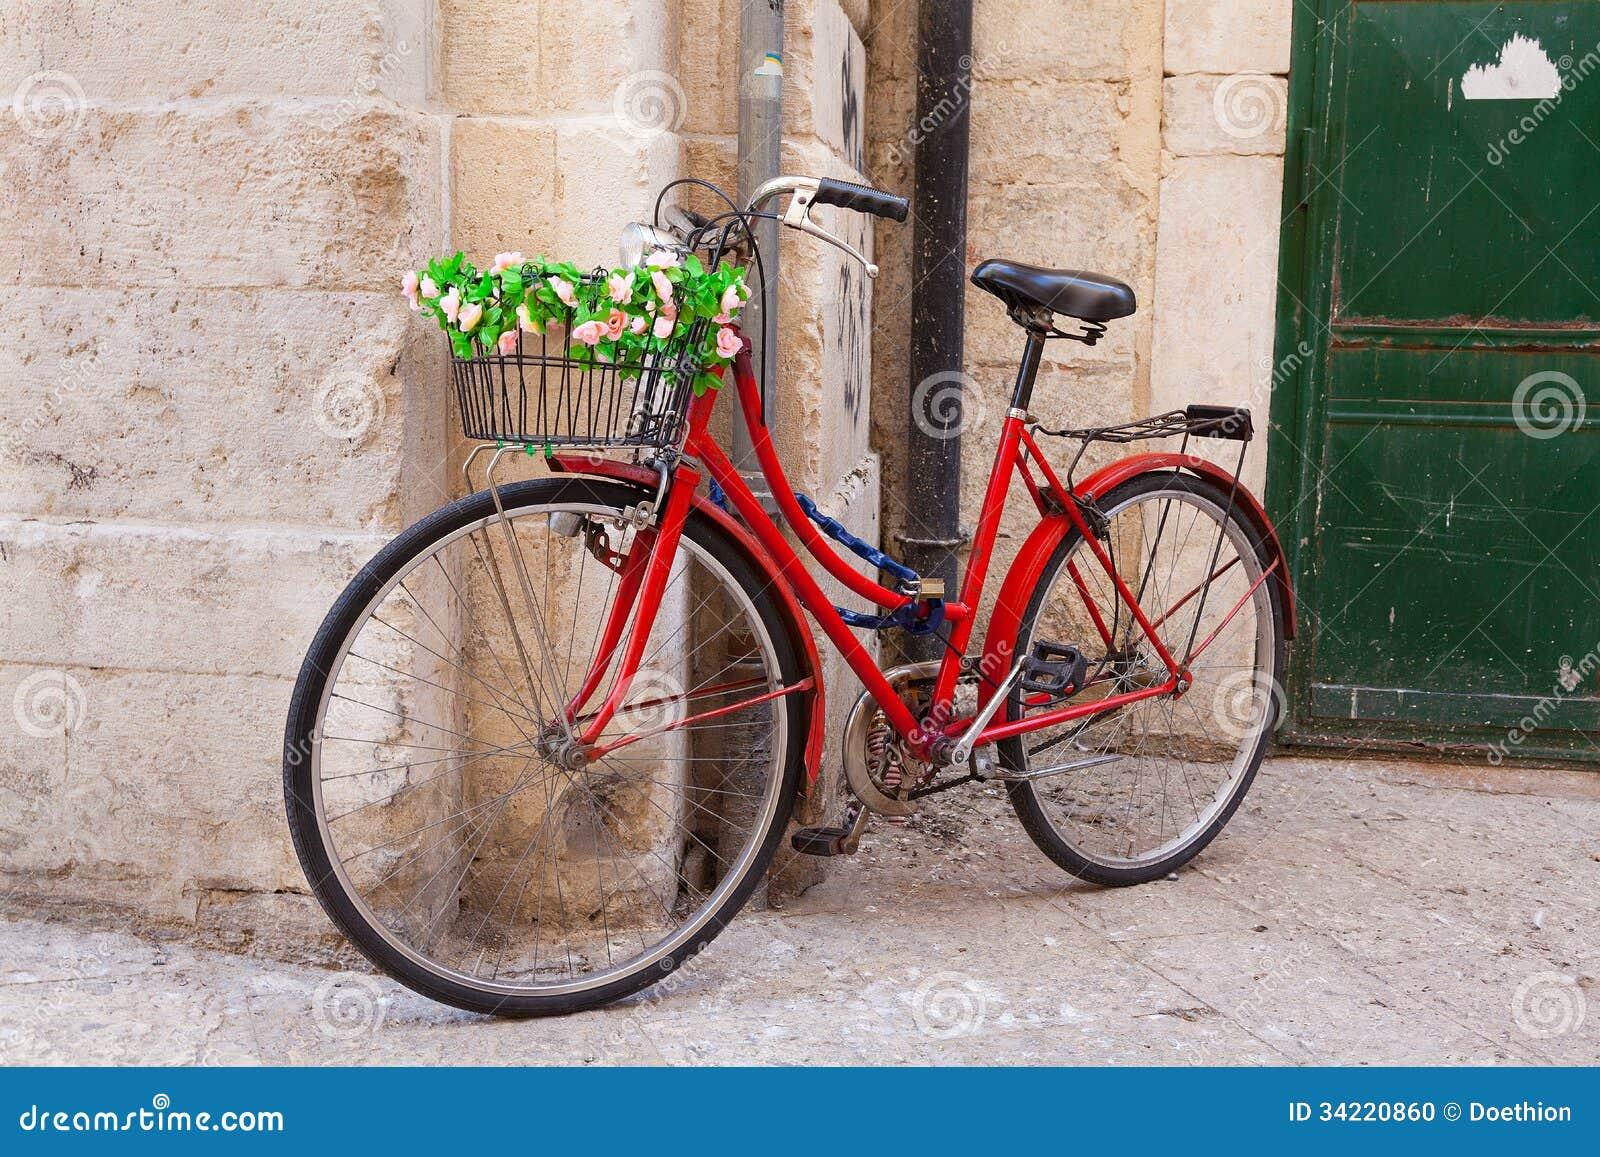 altes fahrrad mit dem korb bedeckt mit den blumen die auf. Black Bedroom Furniture Sets. Home Design Ideas